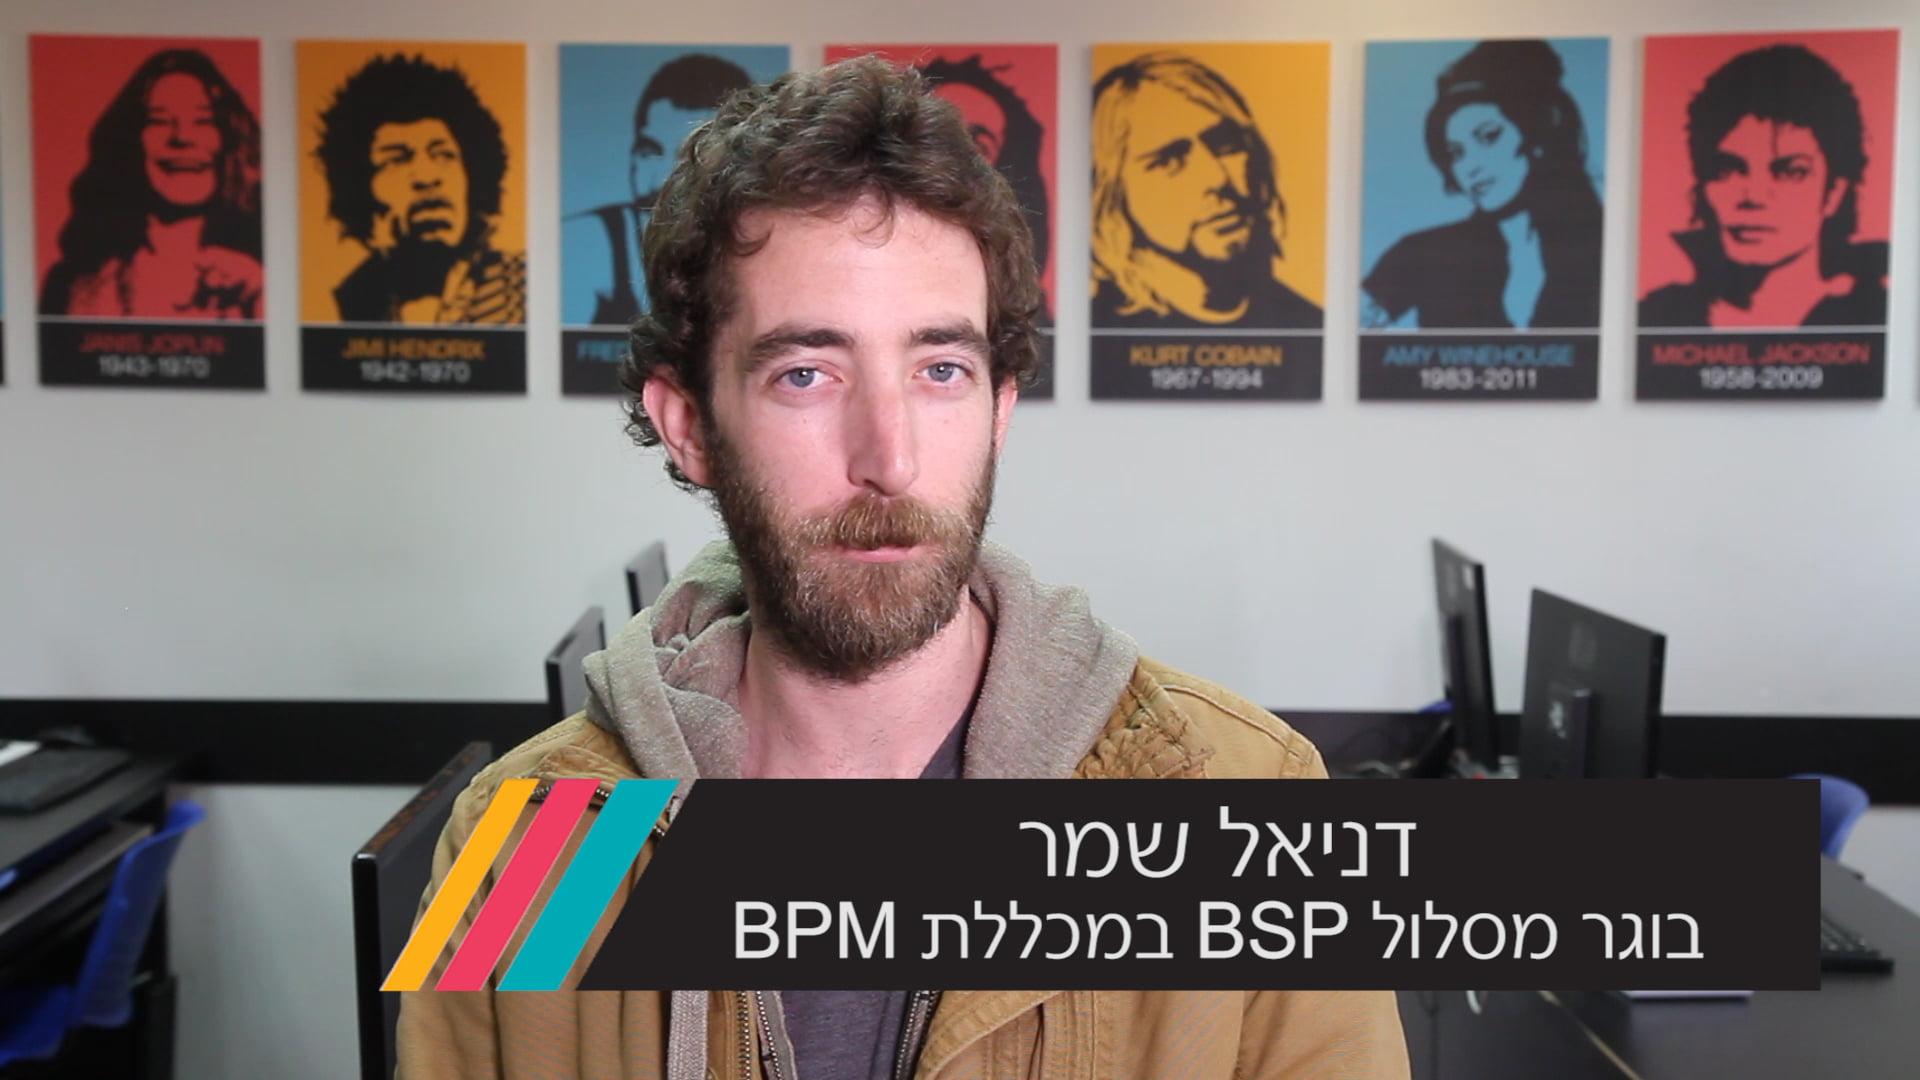 לימודי סאונד לסרטים ומשחקים – דניאל שמר ממליץ על מכללת BPM